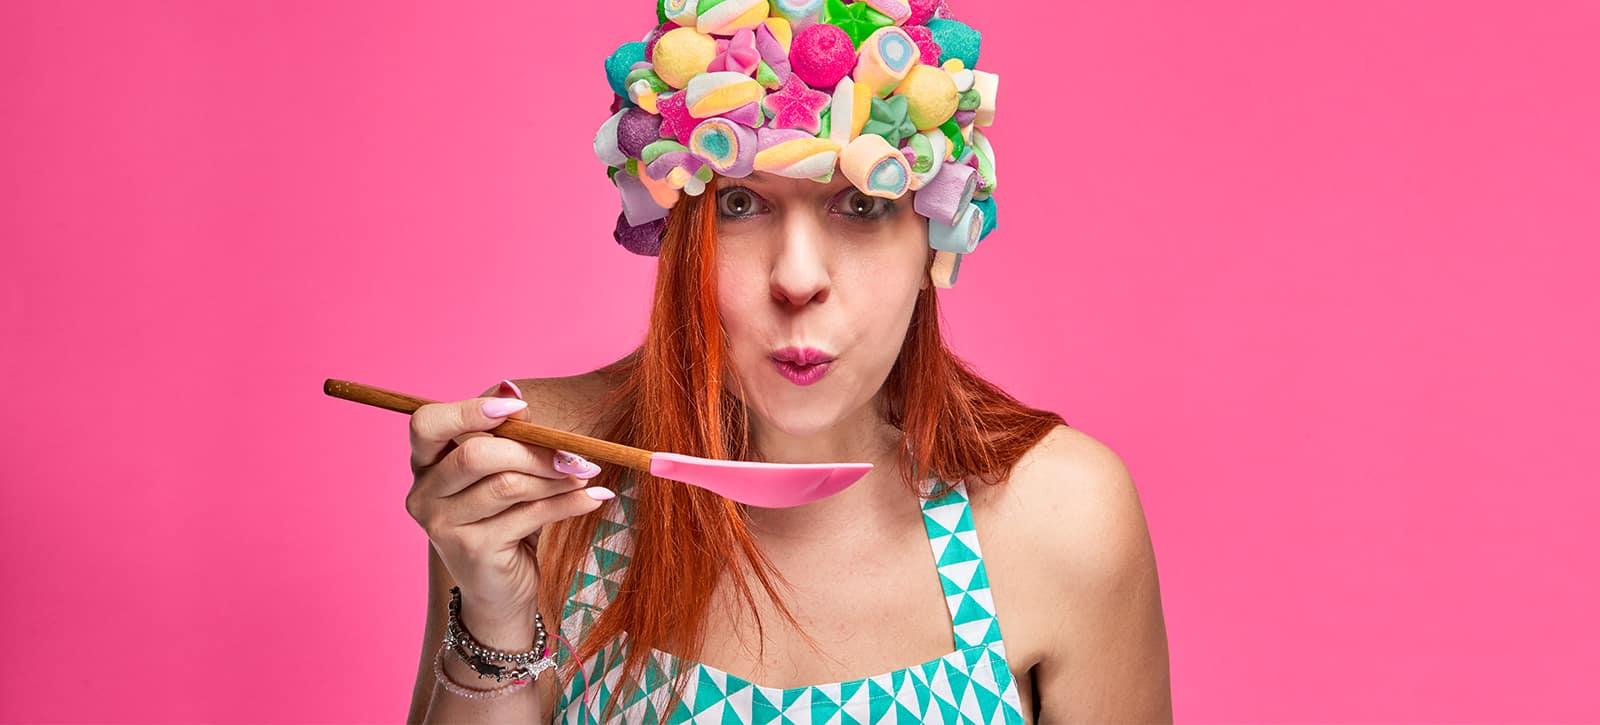 contemporaneo-food-le-ricette-che-funzionano-cristina-saglietti